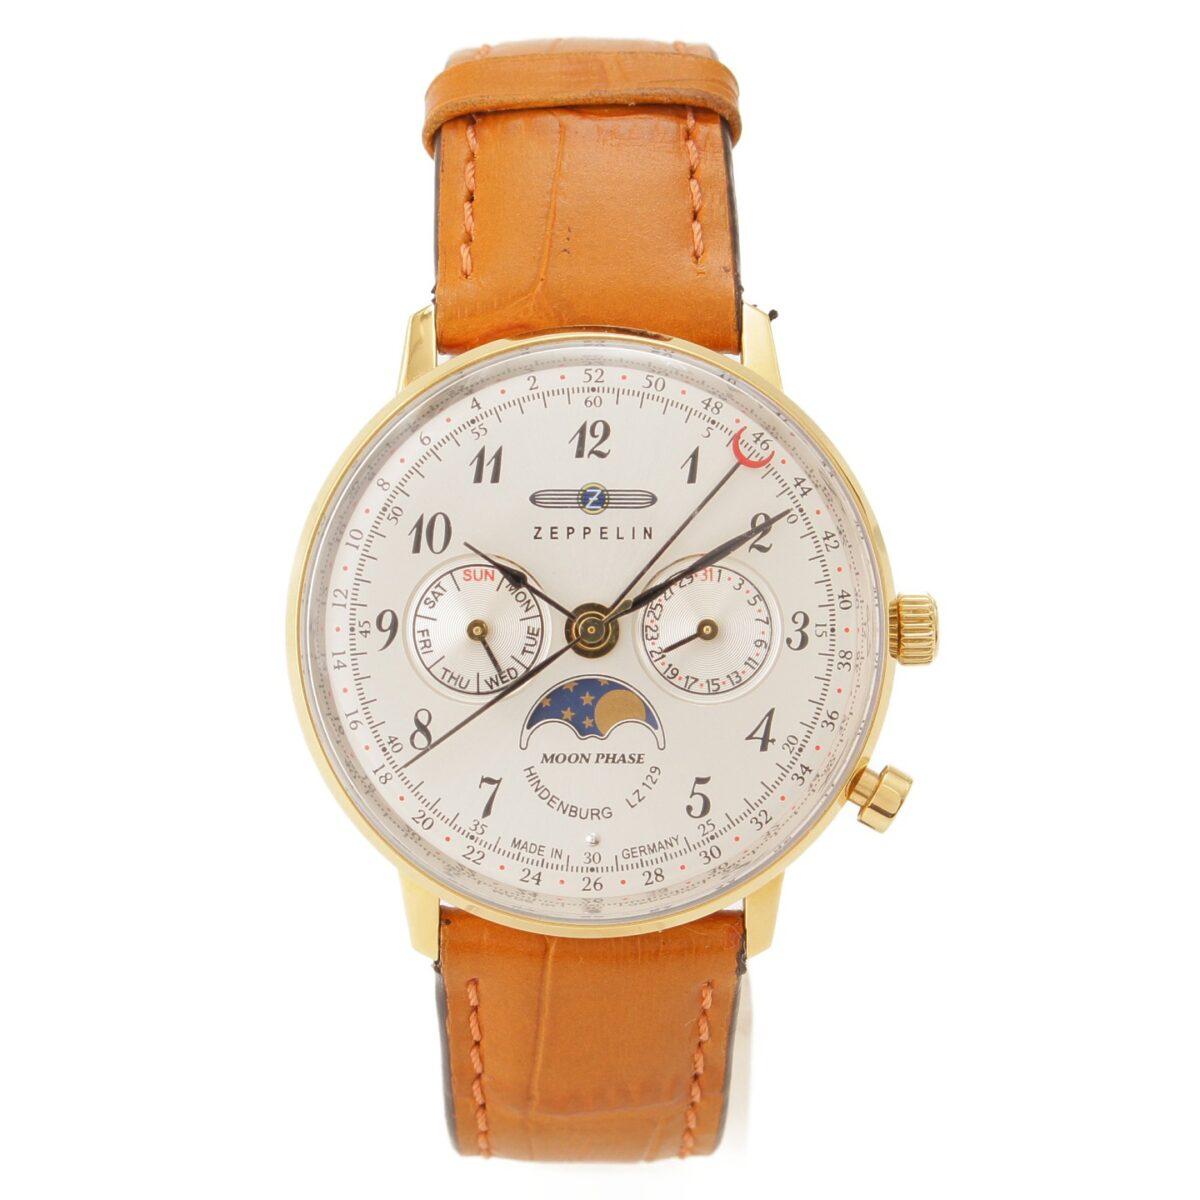 ツェッペリン HINDENBURG ヒンデンブルグ 腕時計 クォーツ 7039 ドイツ ムーンフェイズ ポインターデイト